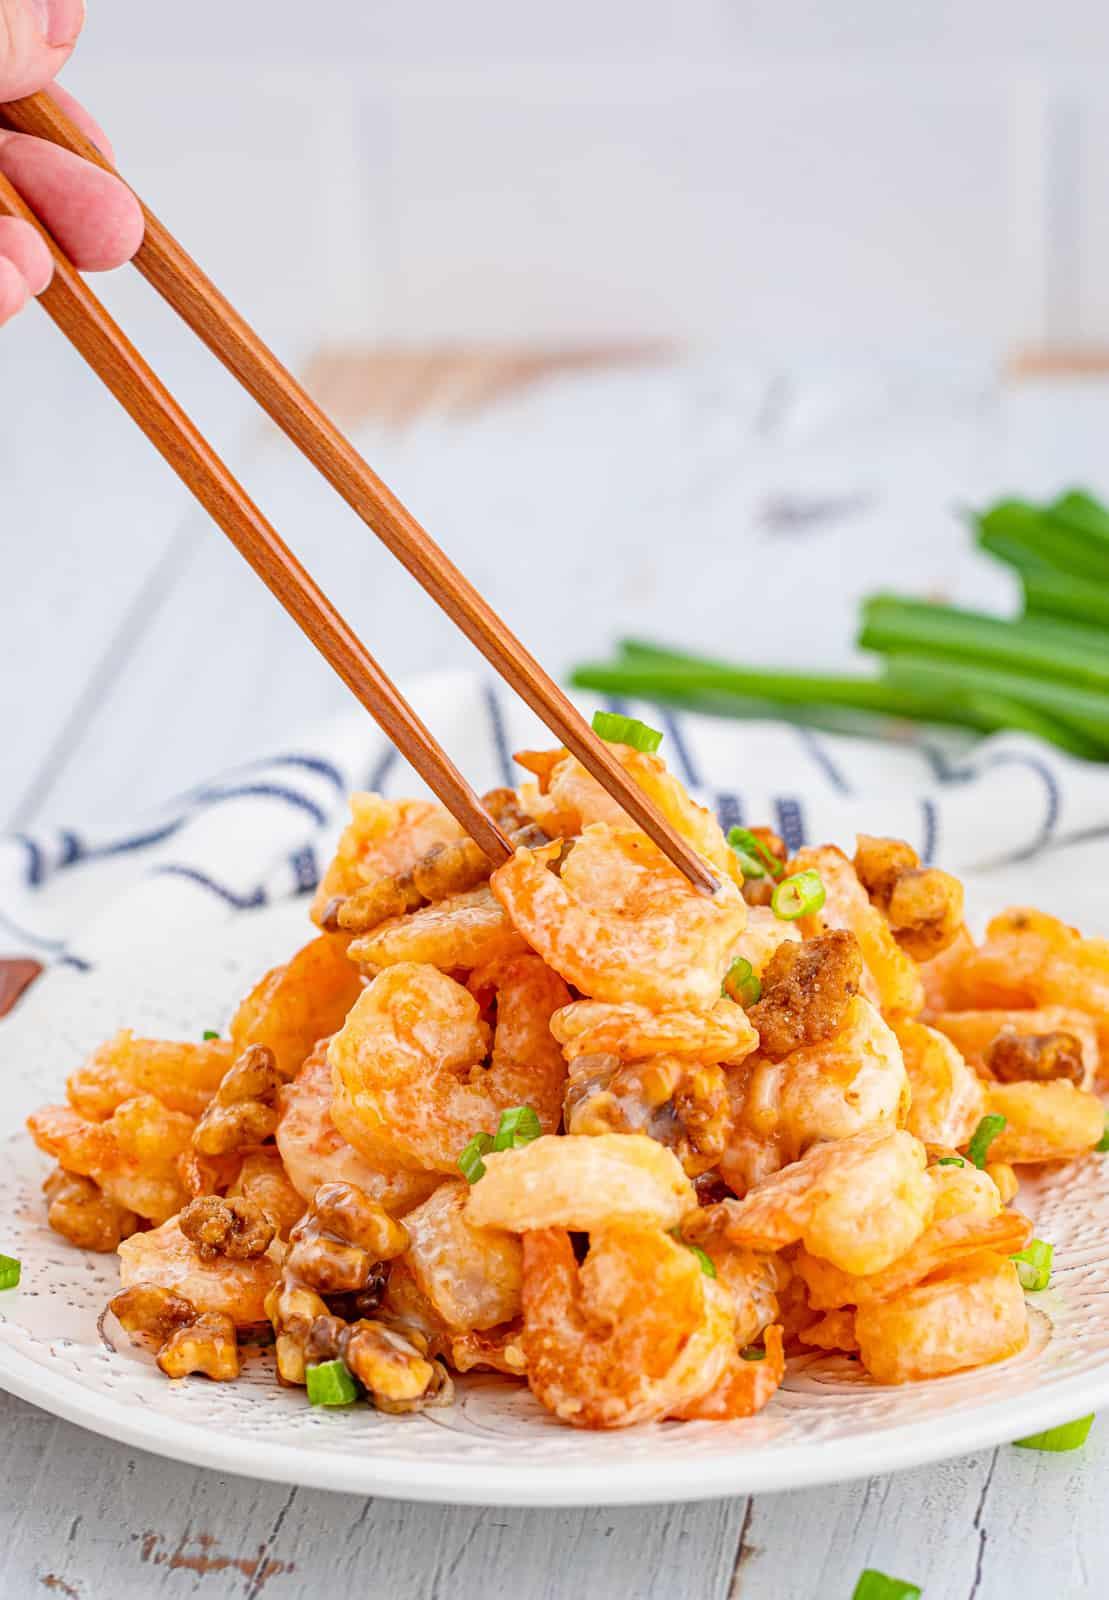 Chop sticks reaching to pick up a piece of Honey Walnut Shrimp Recipe